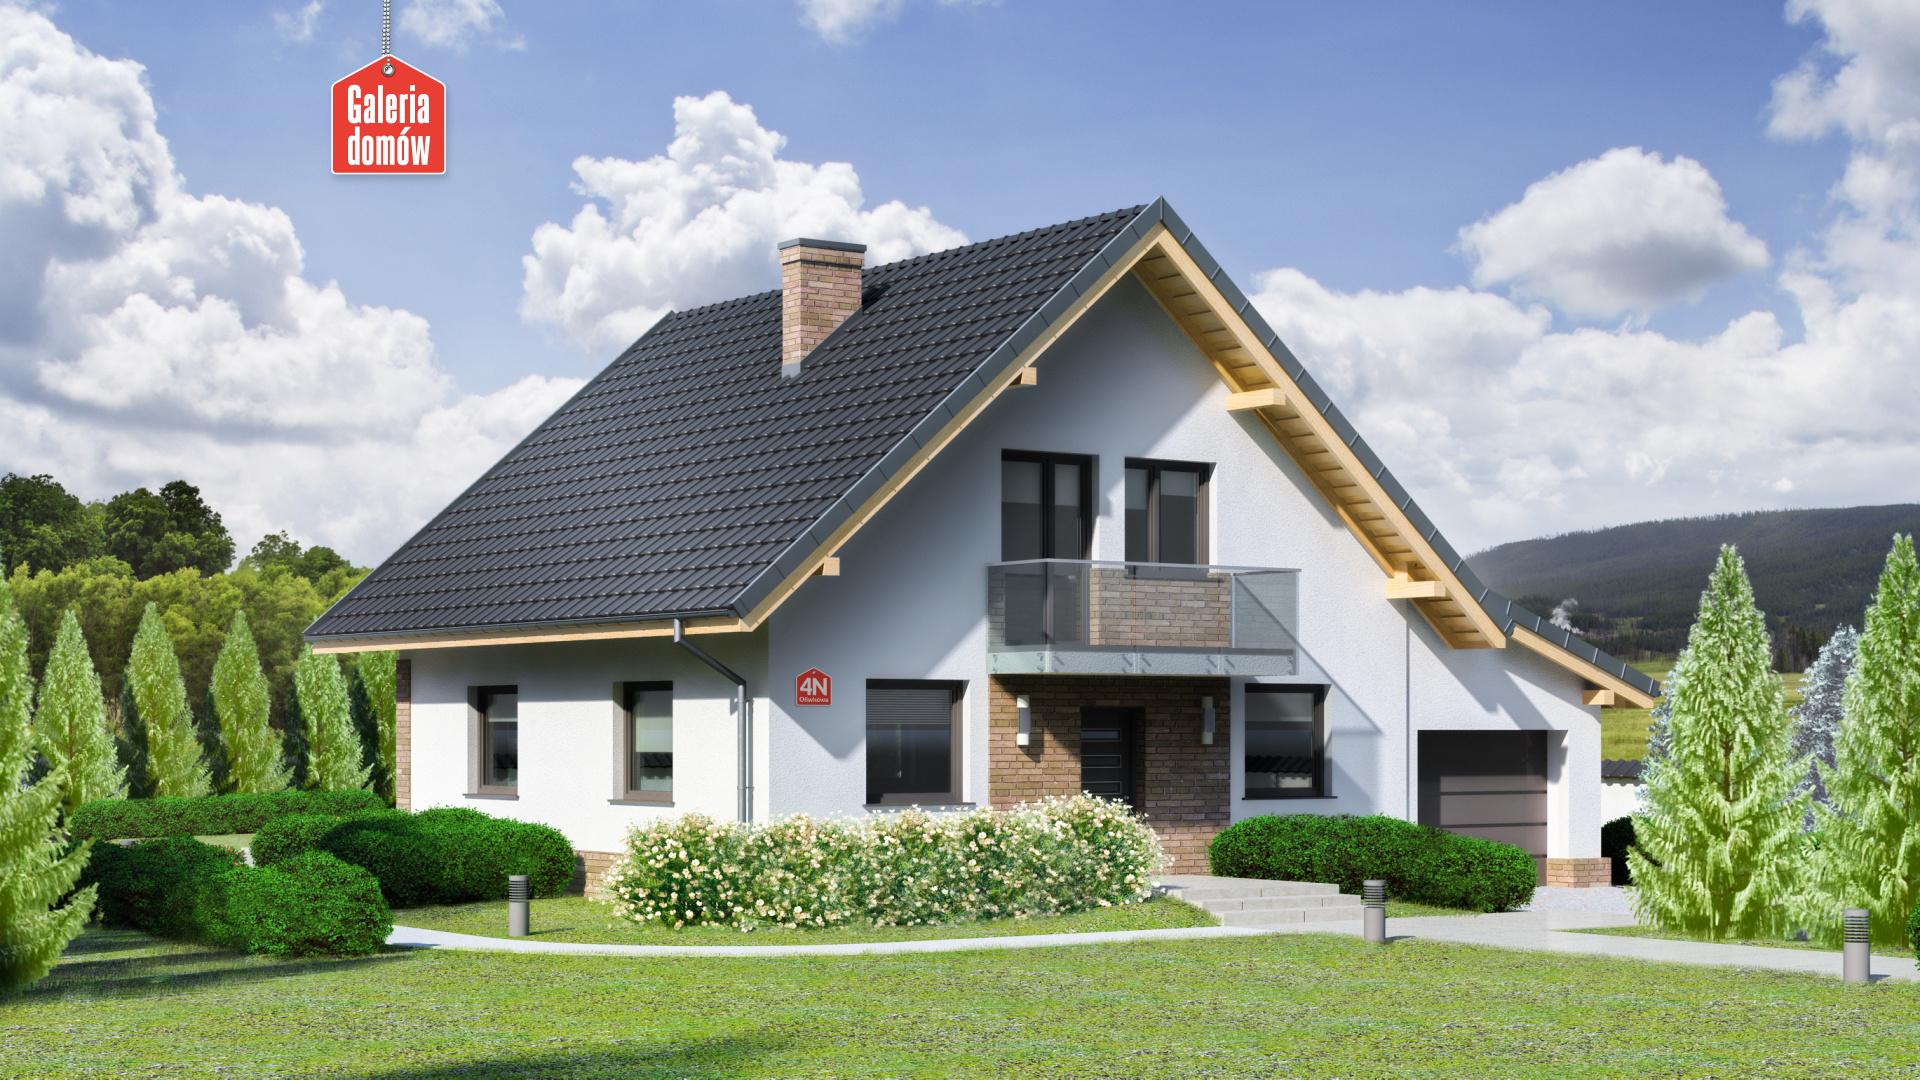 Dom przy Oliwkowej 4 N - zdjęcie projektu i wizualizacja